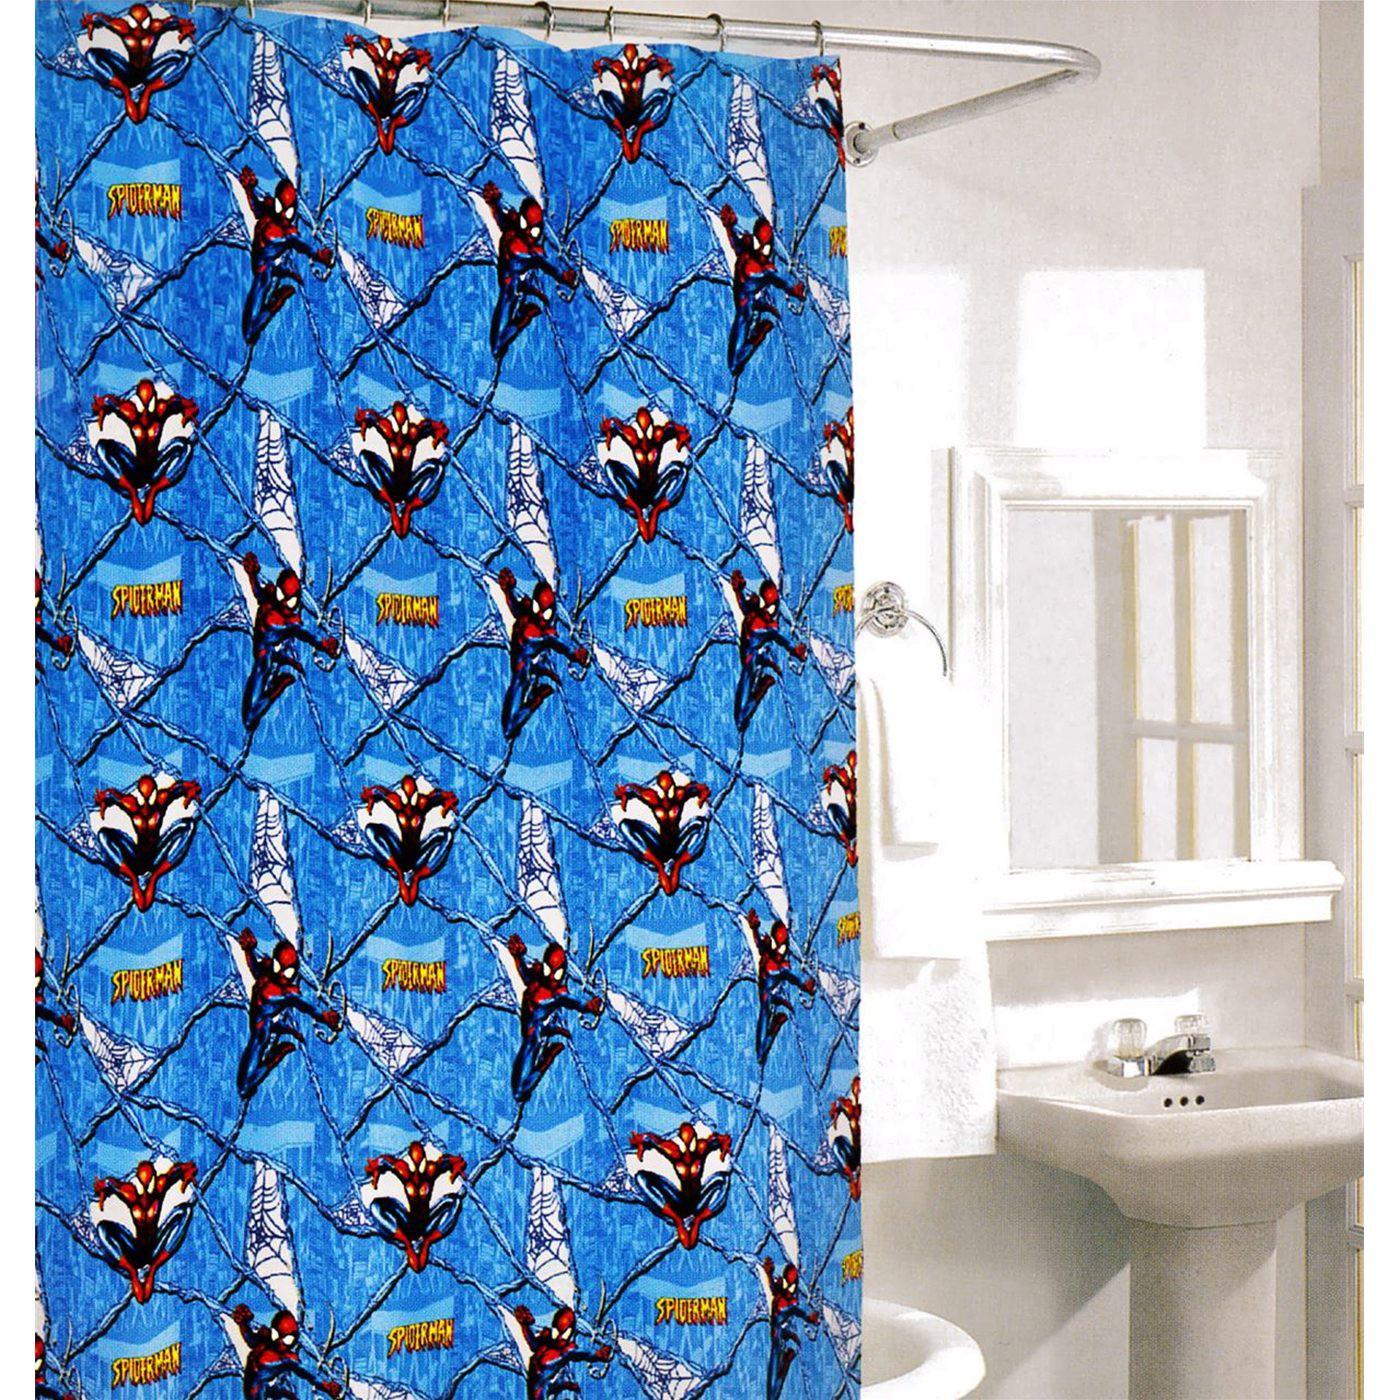 Spiderman Vinyl Shower Curtain